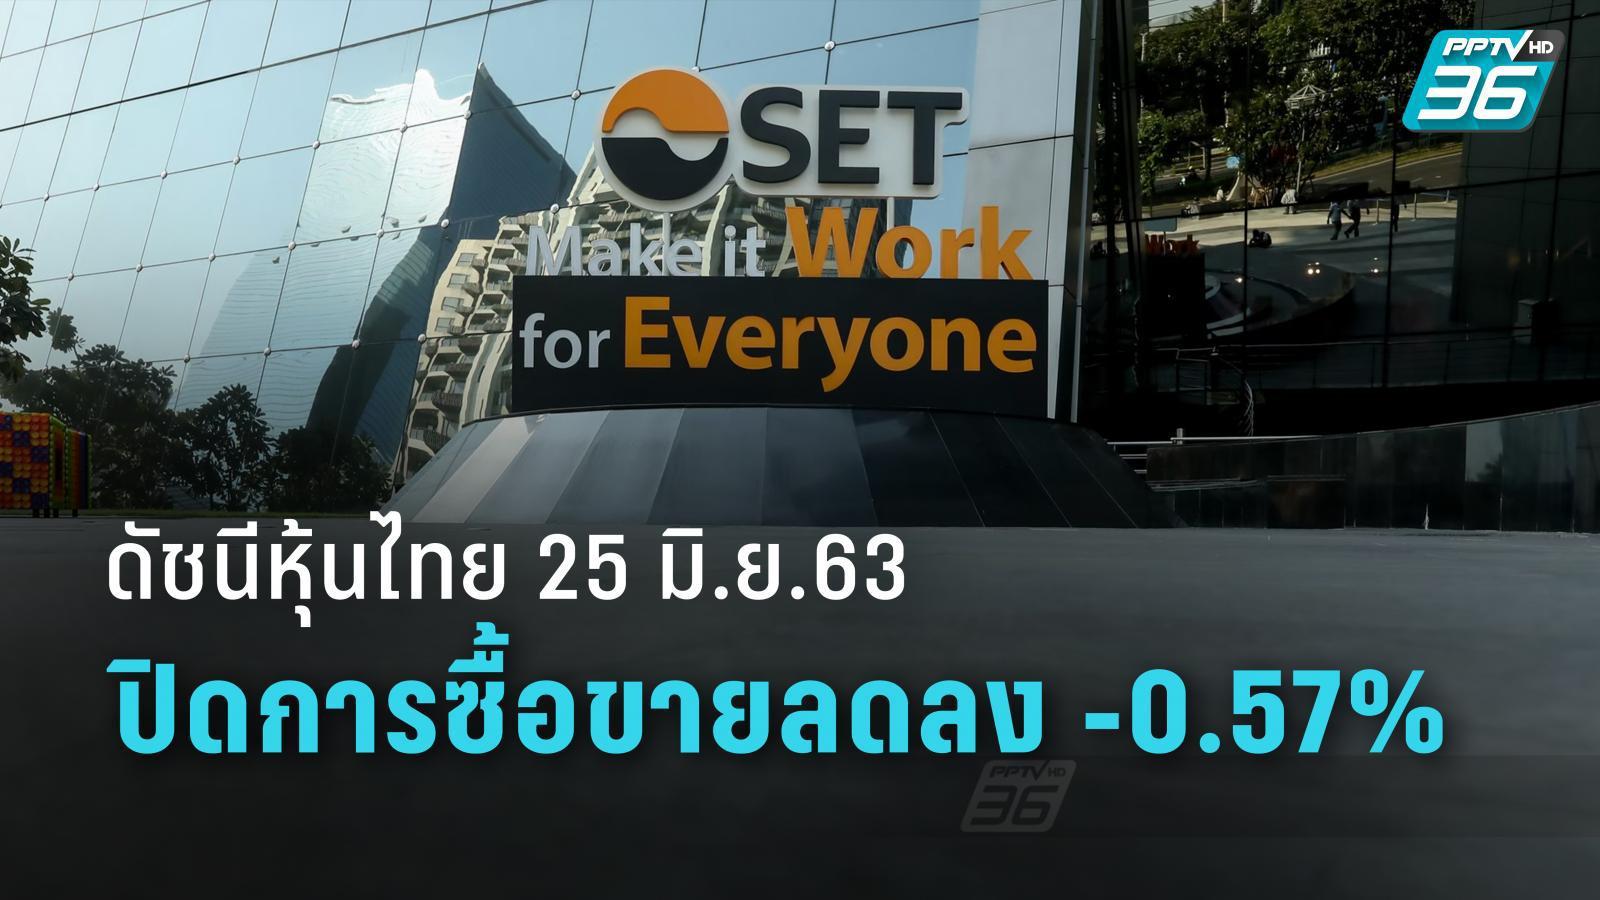 ดัชนีหุ้นไทย 25 มิ.ย.63 ปิดทำการซื้อขายตลอดวัน ที่  1,325.88 จุด